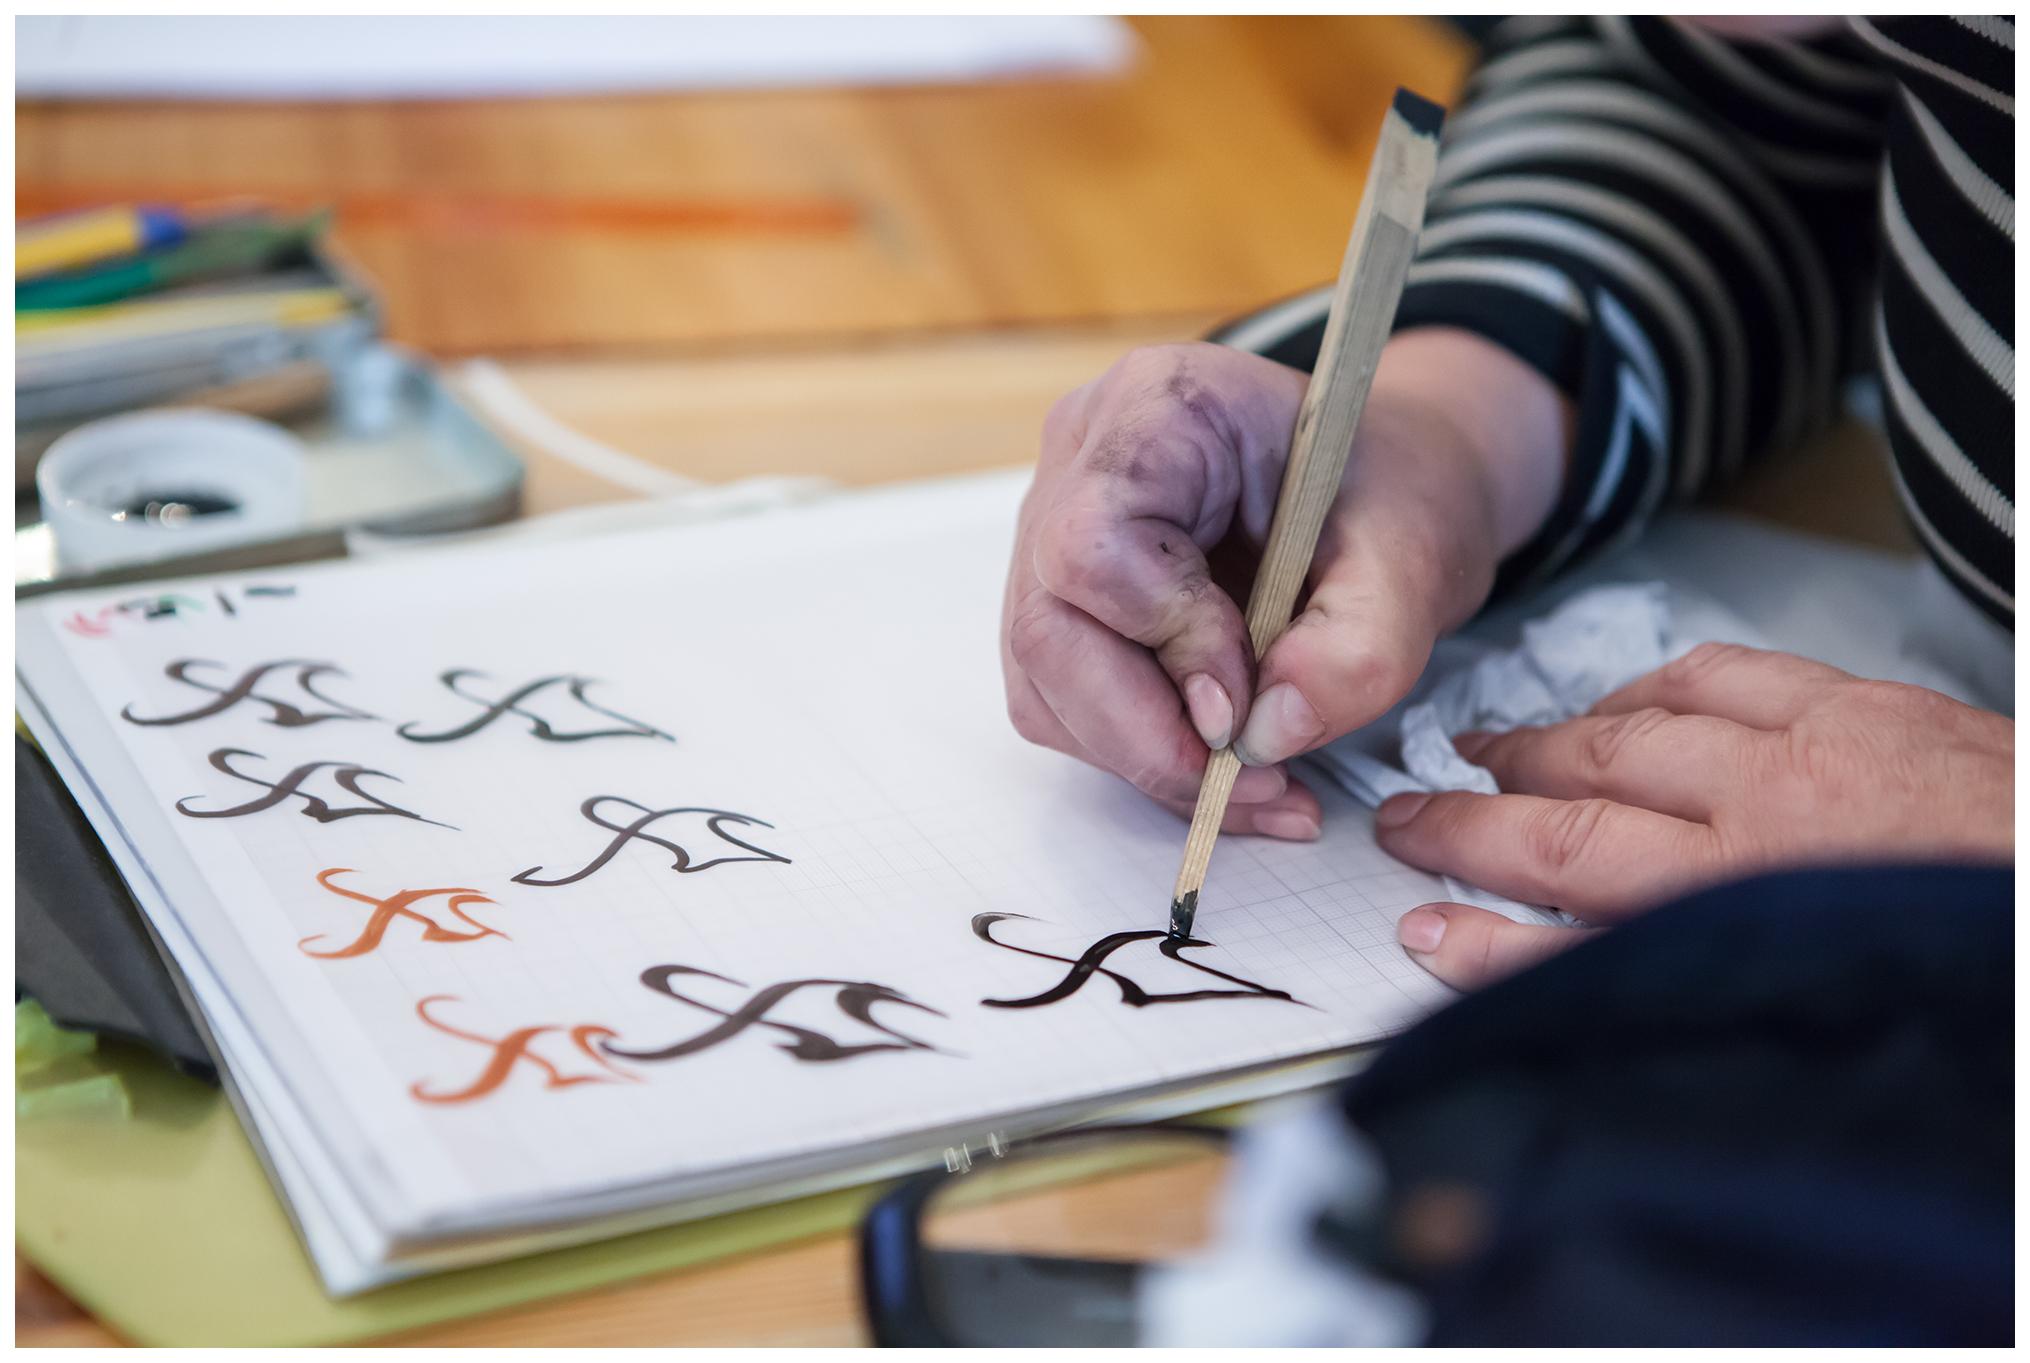 Zbliżenie na dłonie kobiety oraz litery naniesione czarnym i czerwonym tuszem za pomocą drewnianej listewki na papier.